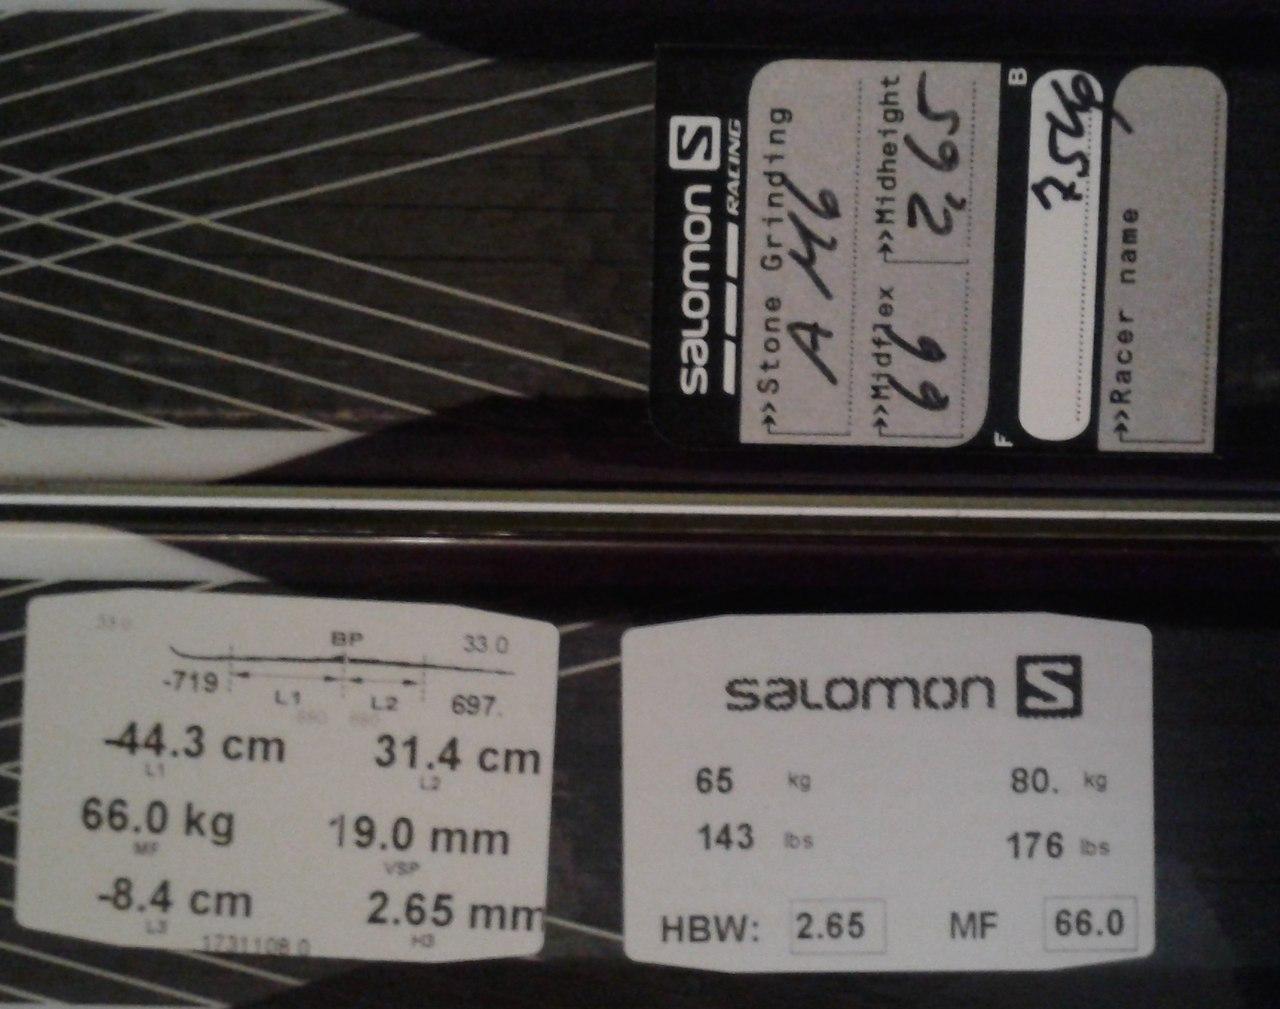 Структуры скользящей поверхности, серийные номера и коды на лыжах Salomon